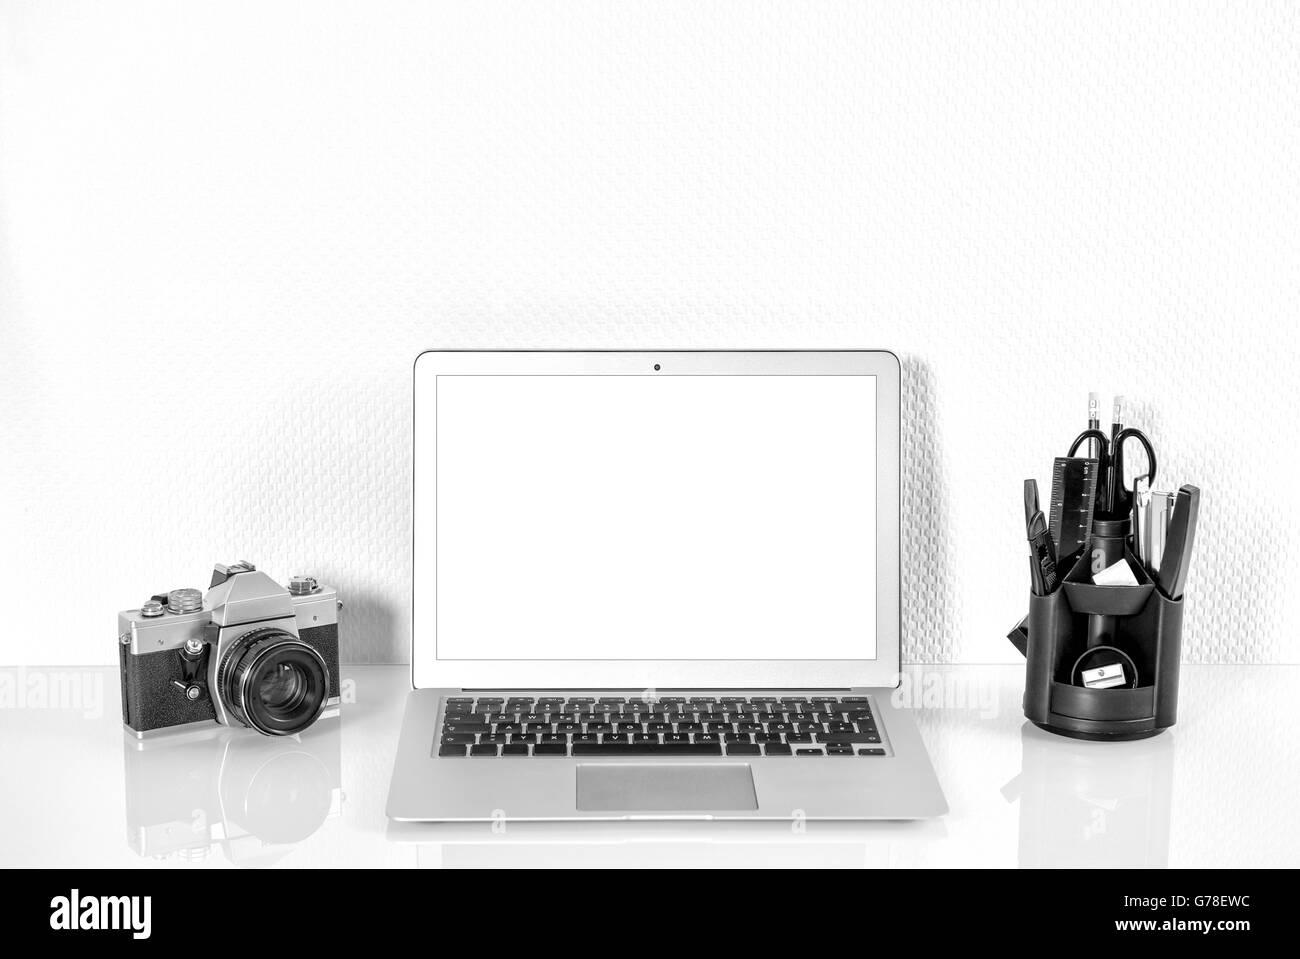 Station de travail avec des fournitures de bureau et d'analoguee vintage Appareil photo. Maquette de travail avec écran d'affichage du produit Banque D'Images